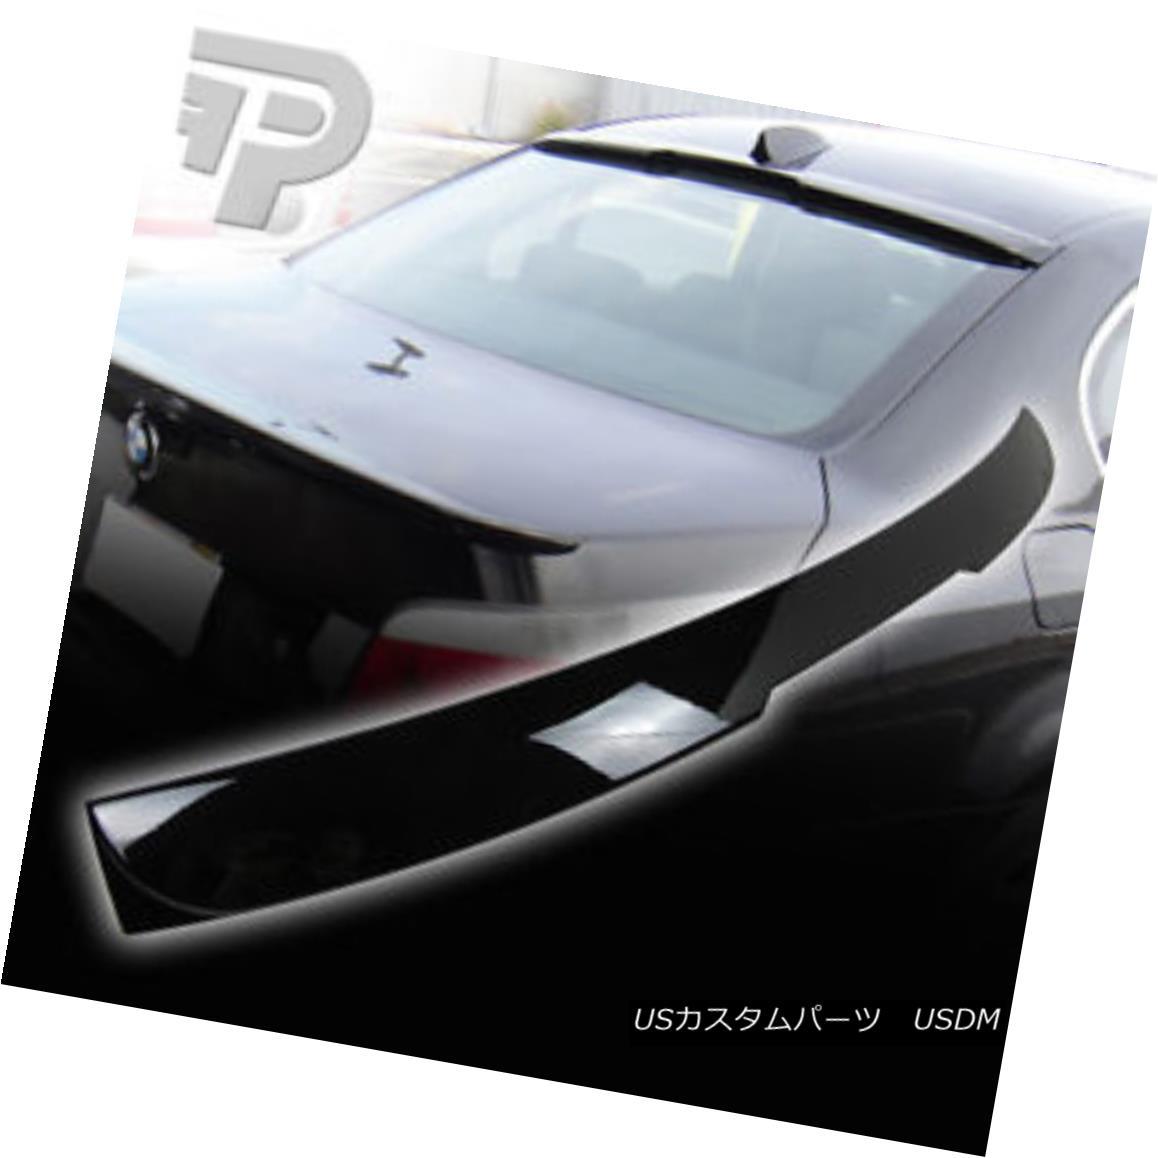 エアロパーツ PAINTED E60 BMW 5-SERIES SEDAN REAR SPOILER ROOF A TYPE 475 BLACK ▼ 塗装E60 BMW 5シリーズセダンリアスポイラールーフタイプ475ブラック?